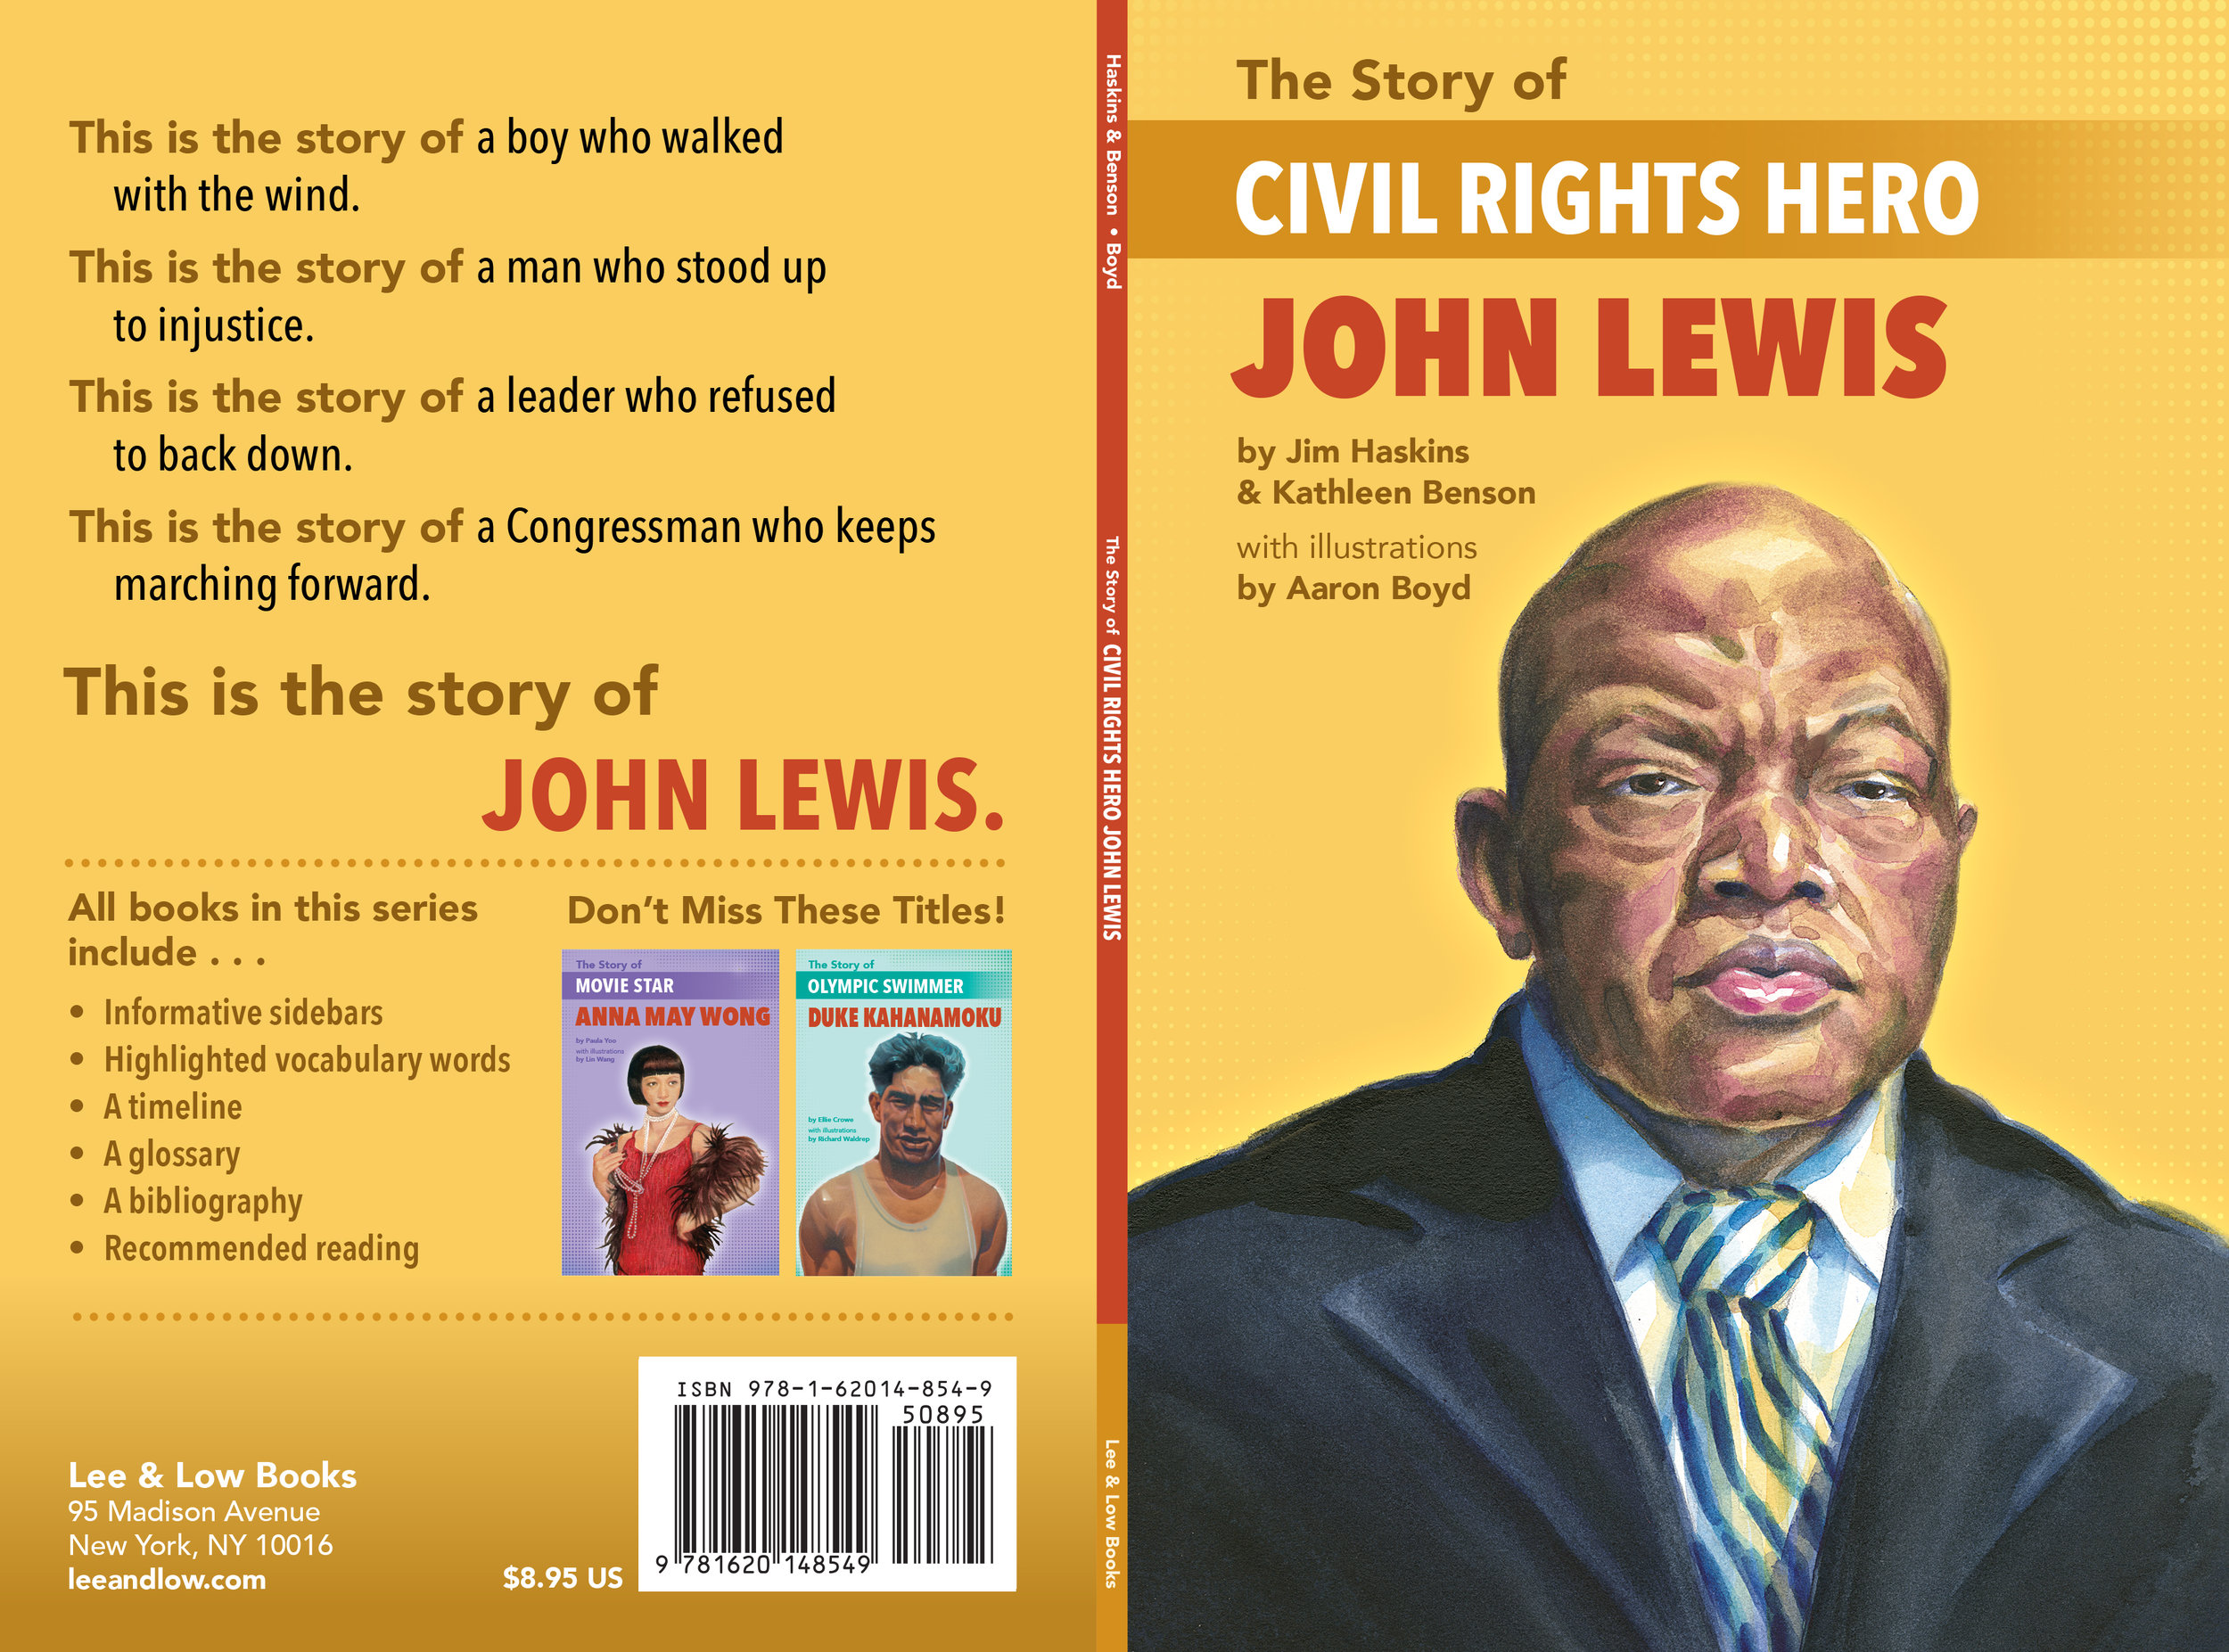 JohnLewis_fullcover.jpg